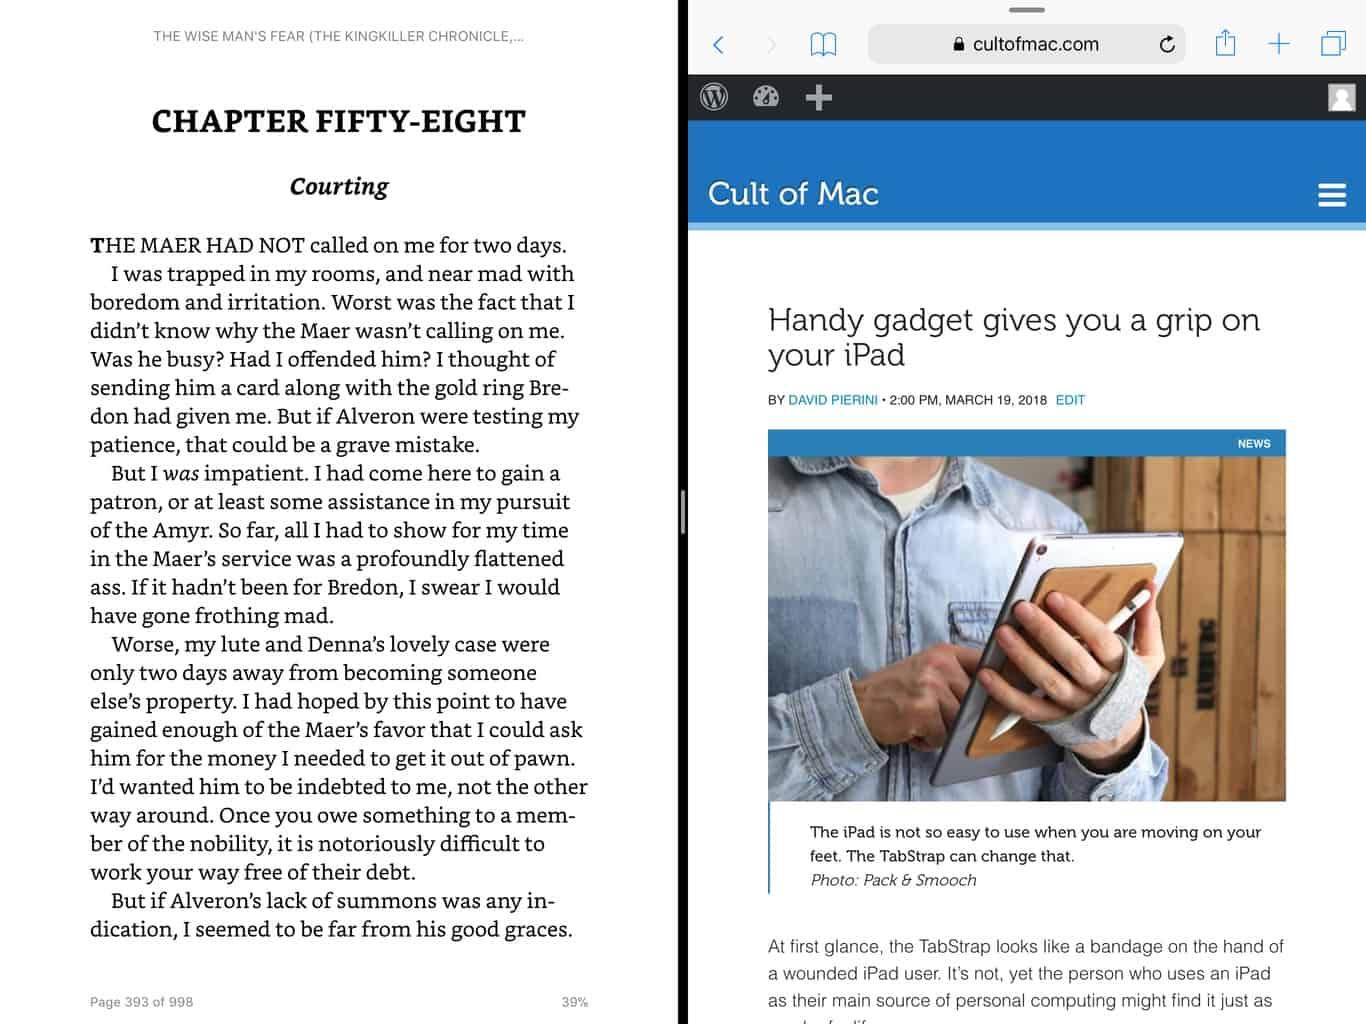 Amazon Kindle app gets iPad multitasking at last | Cult of Mac